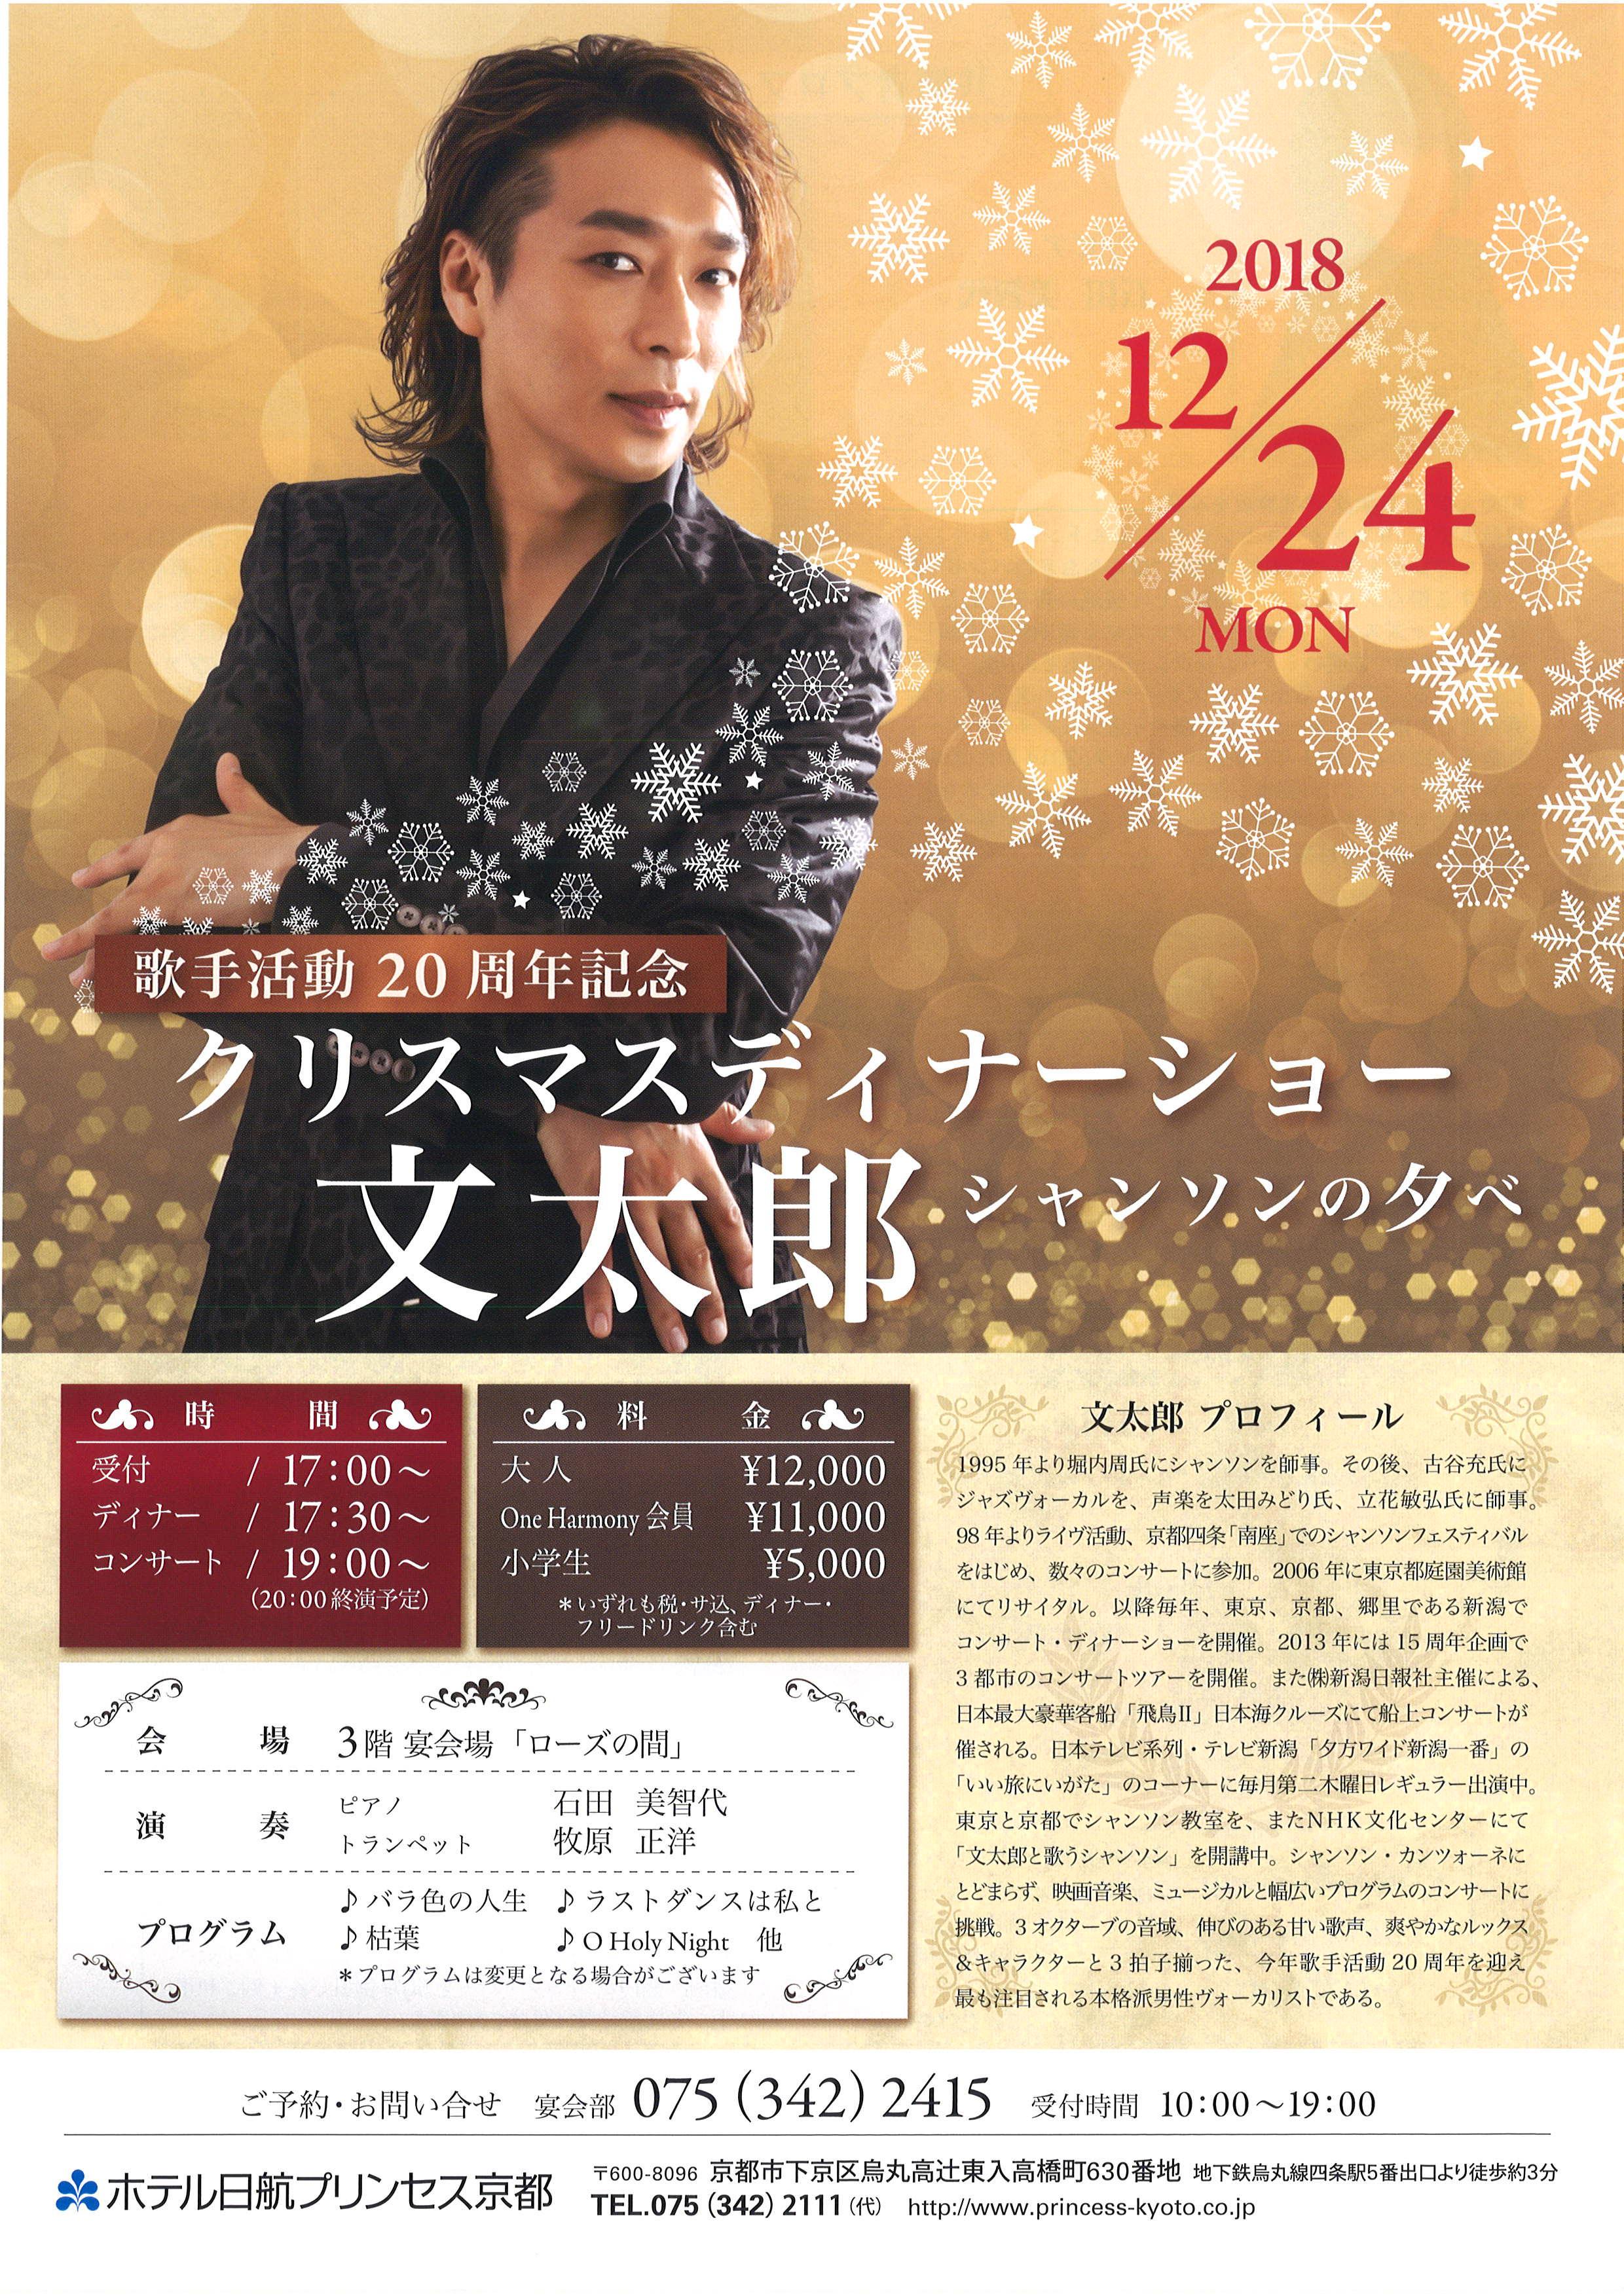 20181224文太郎クリスマスディナーショー.jpg